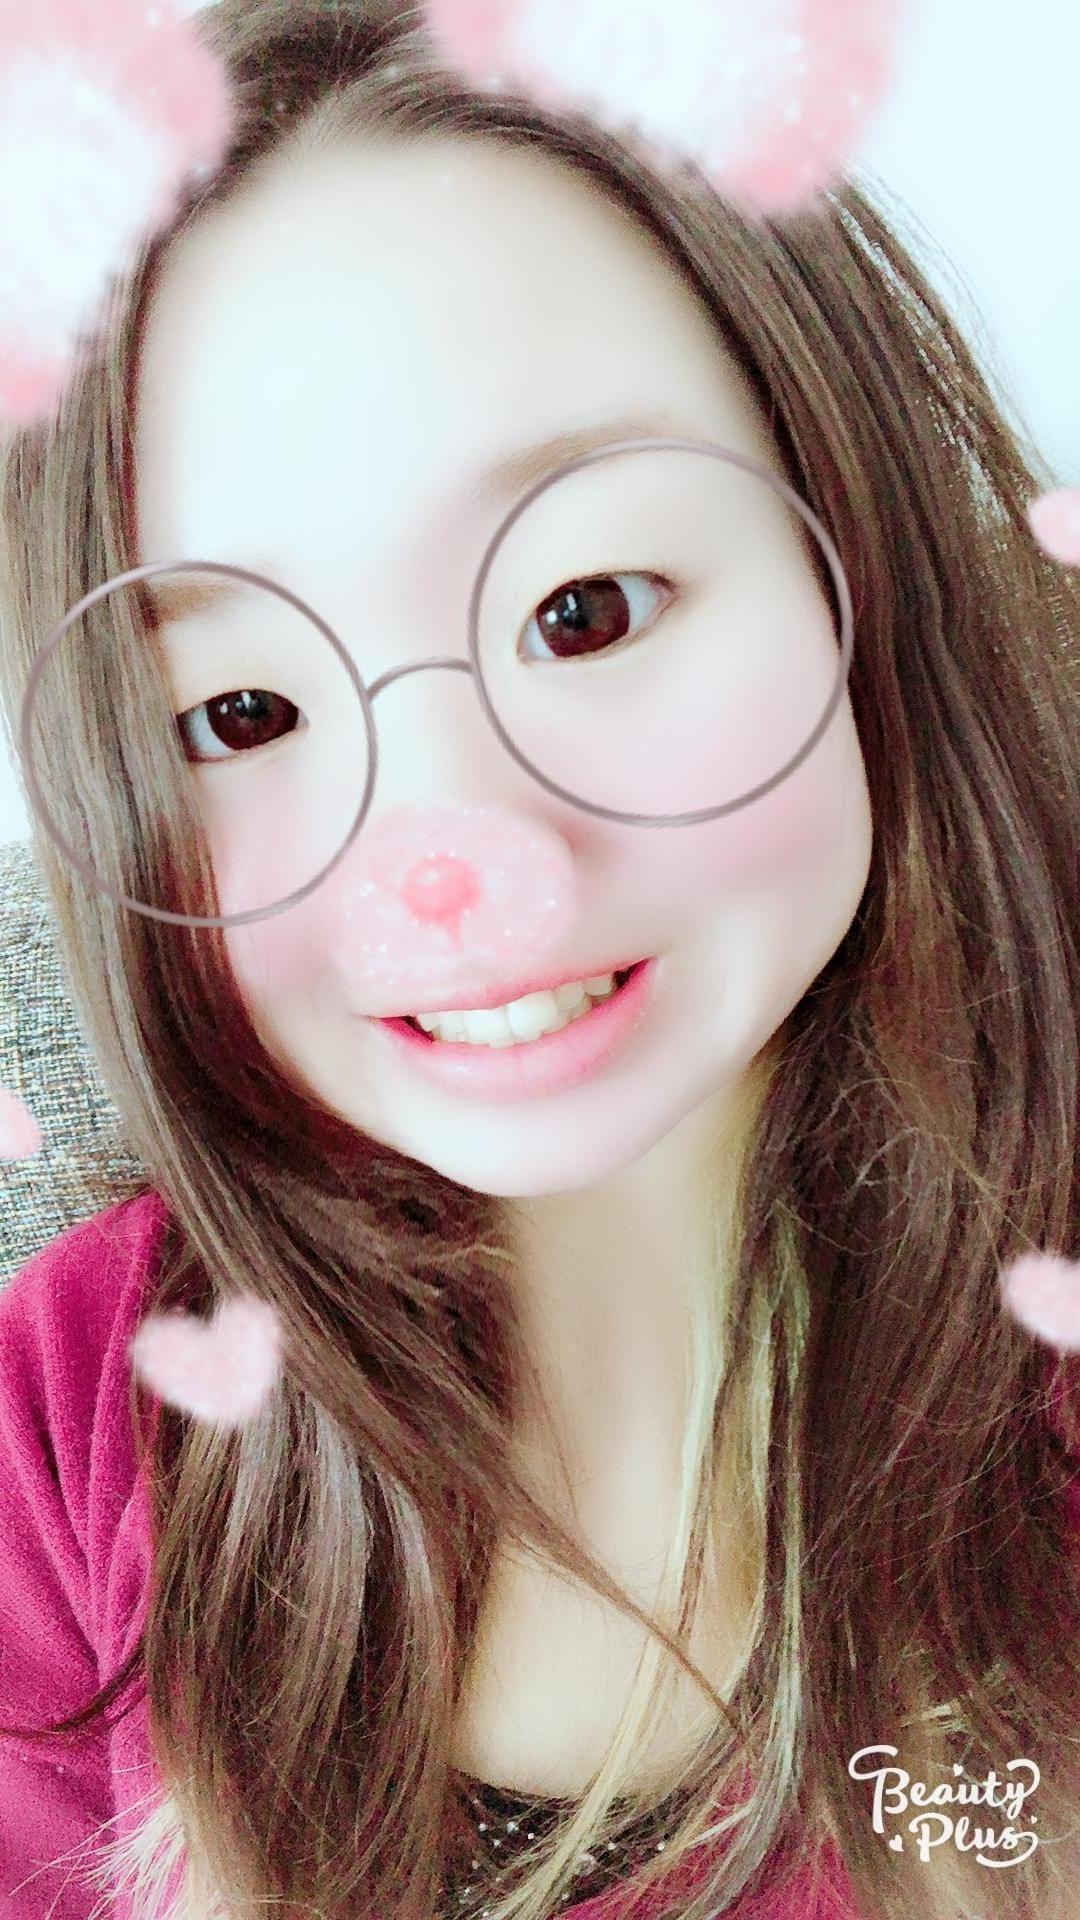 「笑顔の裏にはー」10/17(10/17) 21:59 | あいかの写メ・風俗動画